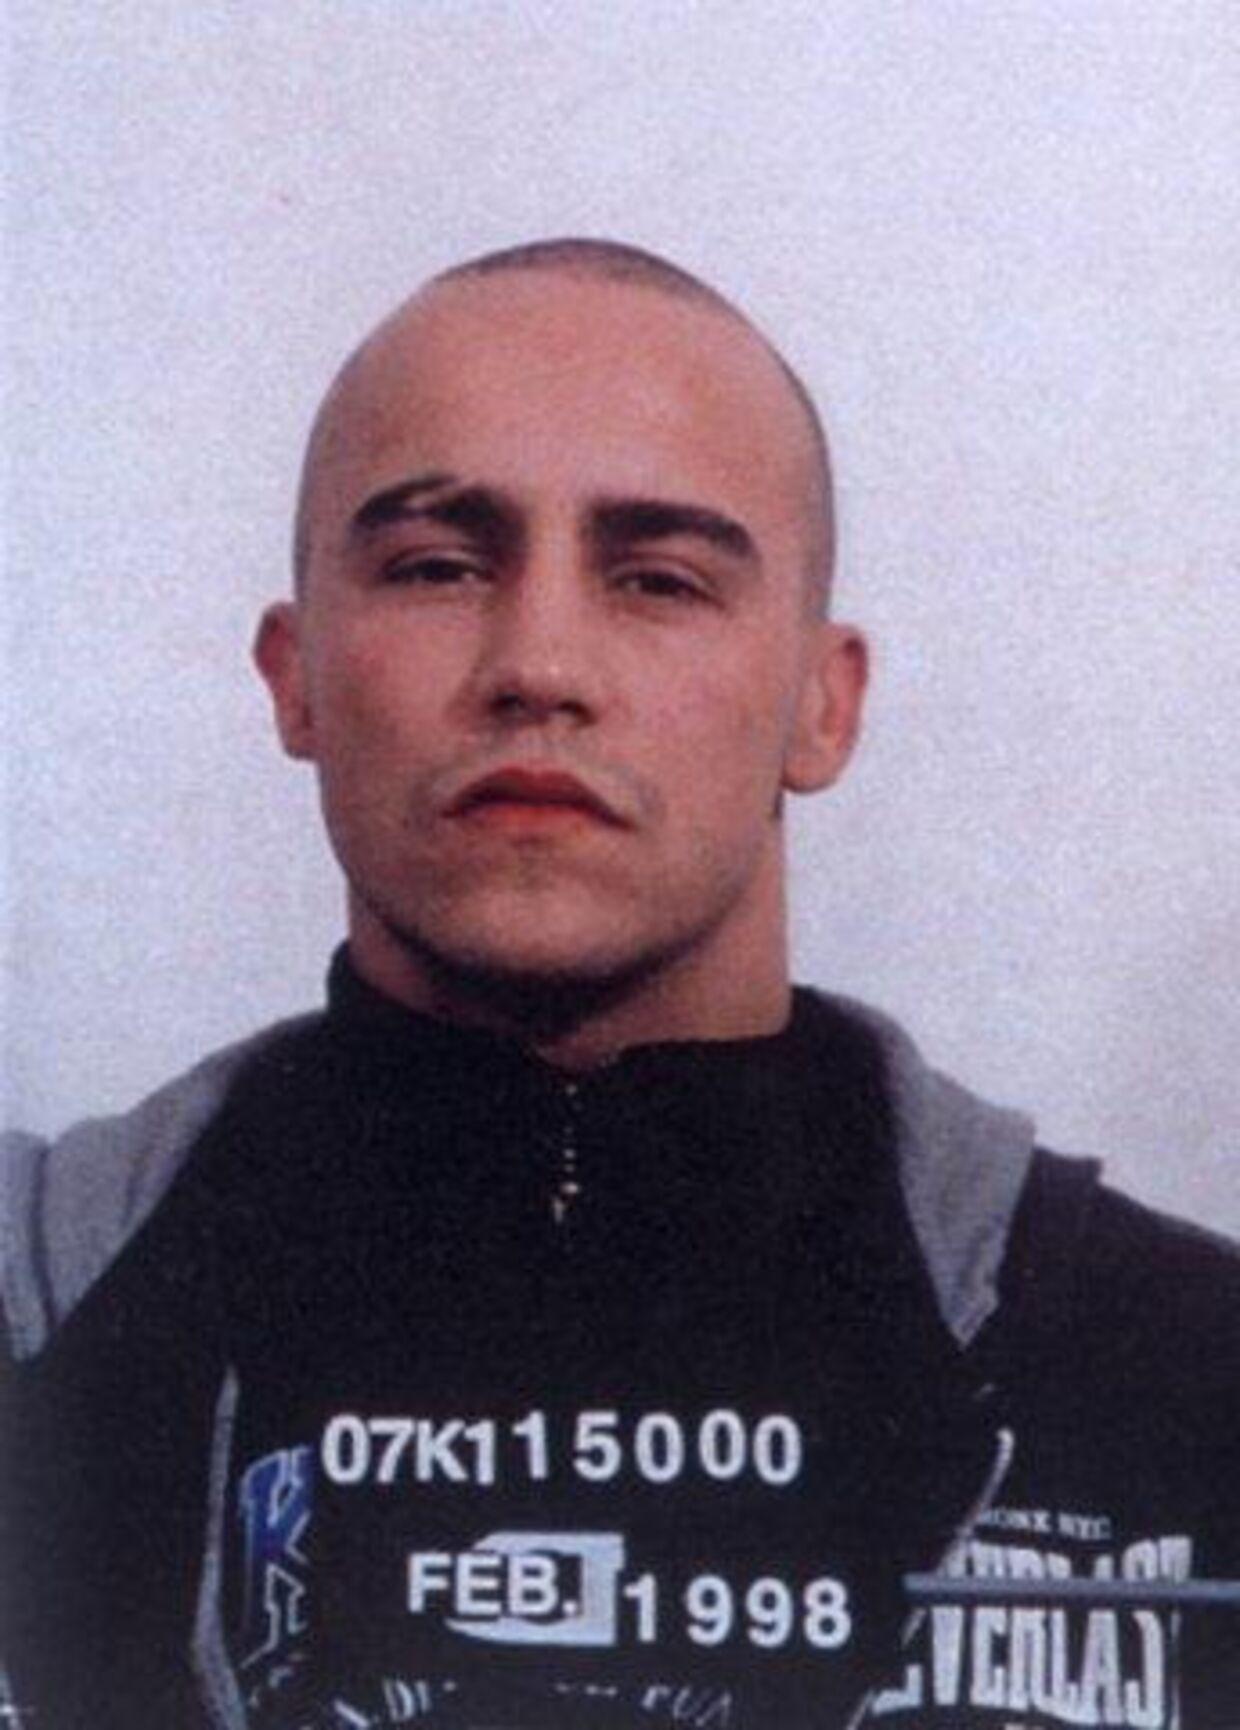 Han tævede Peter Lundin: Daniel Blikfeld Casanas Dorta, 25, fik i går et halvt års fængsel for overfaldet på den tre-dobbelt mord-sigtede. Foto: Politiet.<br><br><p>